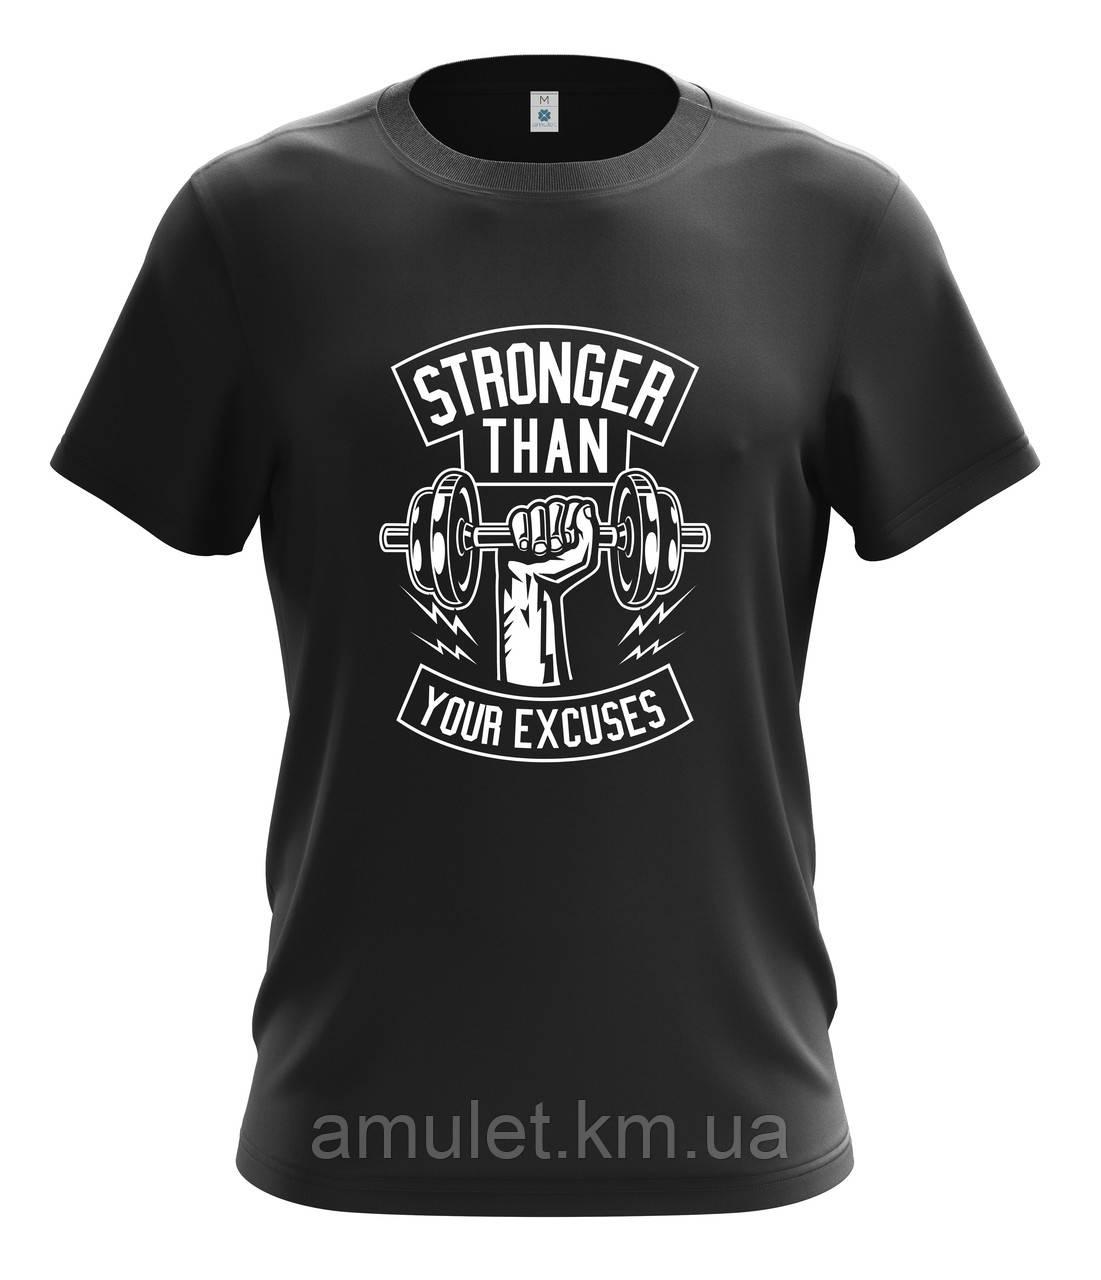 """Футболка чоловіча """"Stronger in GYM"""" Чорний, M"""